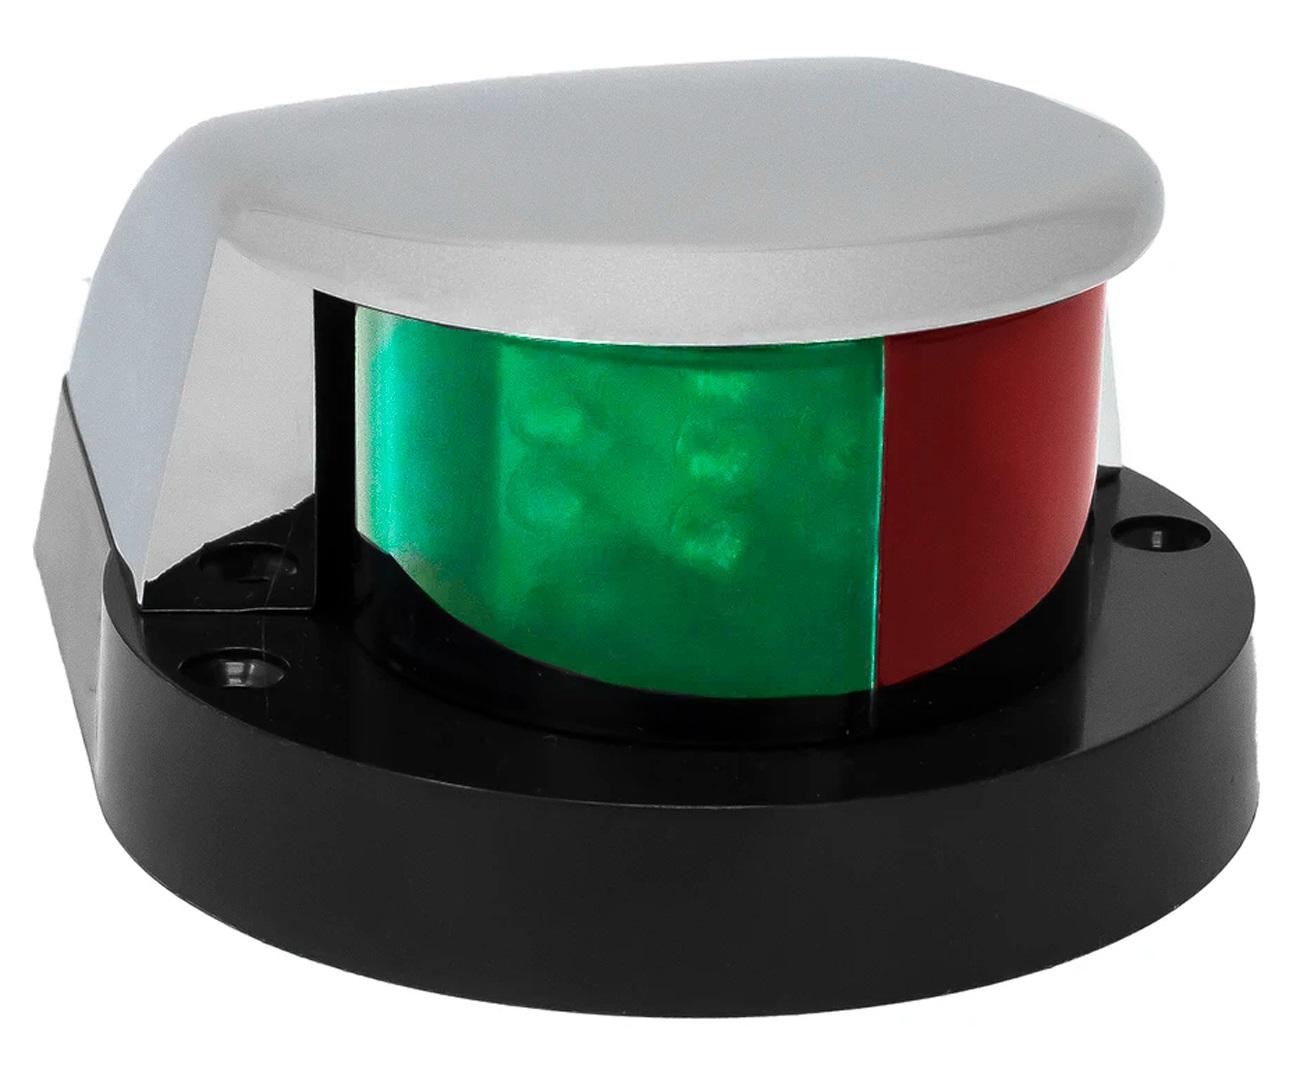 Luz de Navegação de Proa Bicolor Bombordo e Boreste BB/BE com Acabamento em ABS Branco 12V